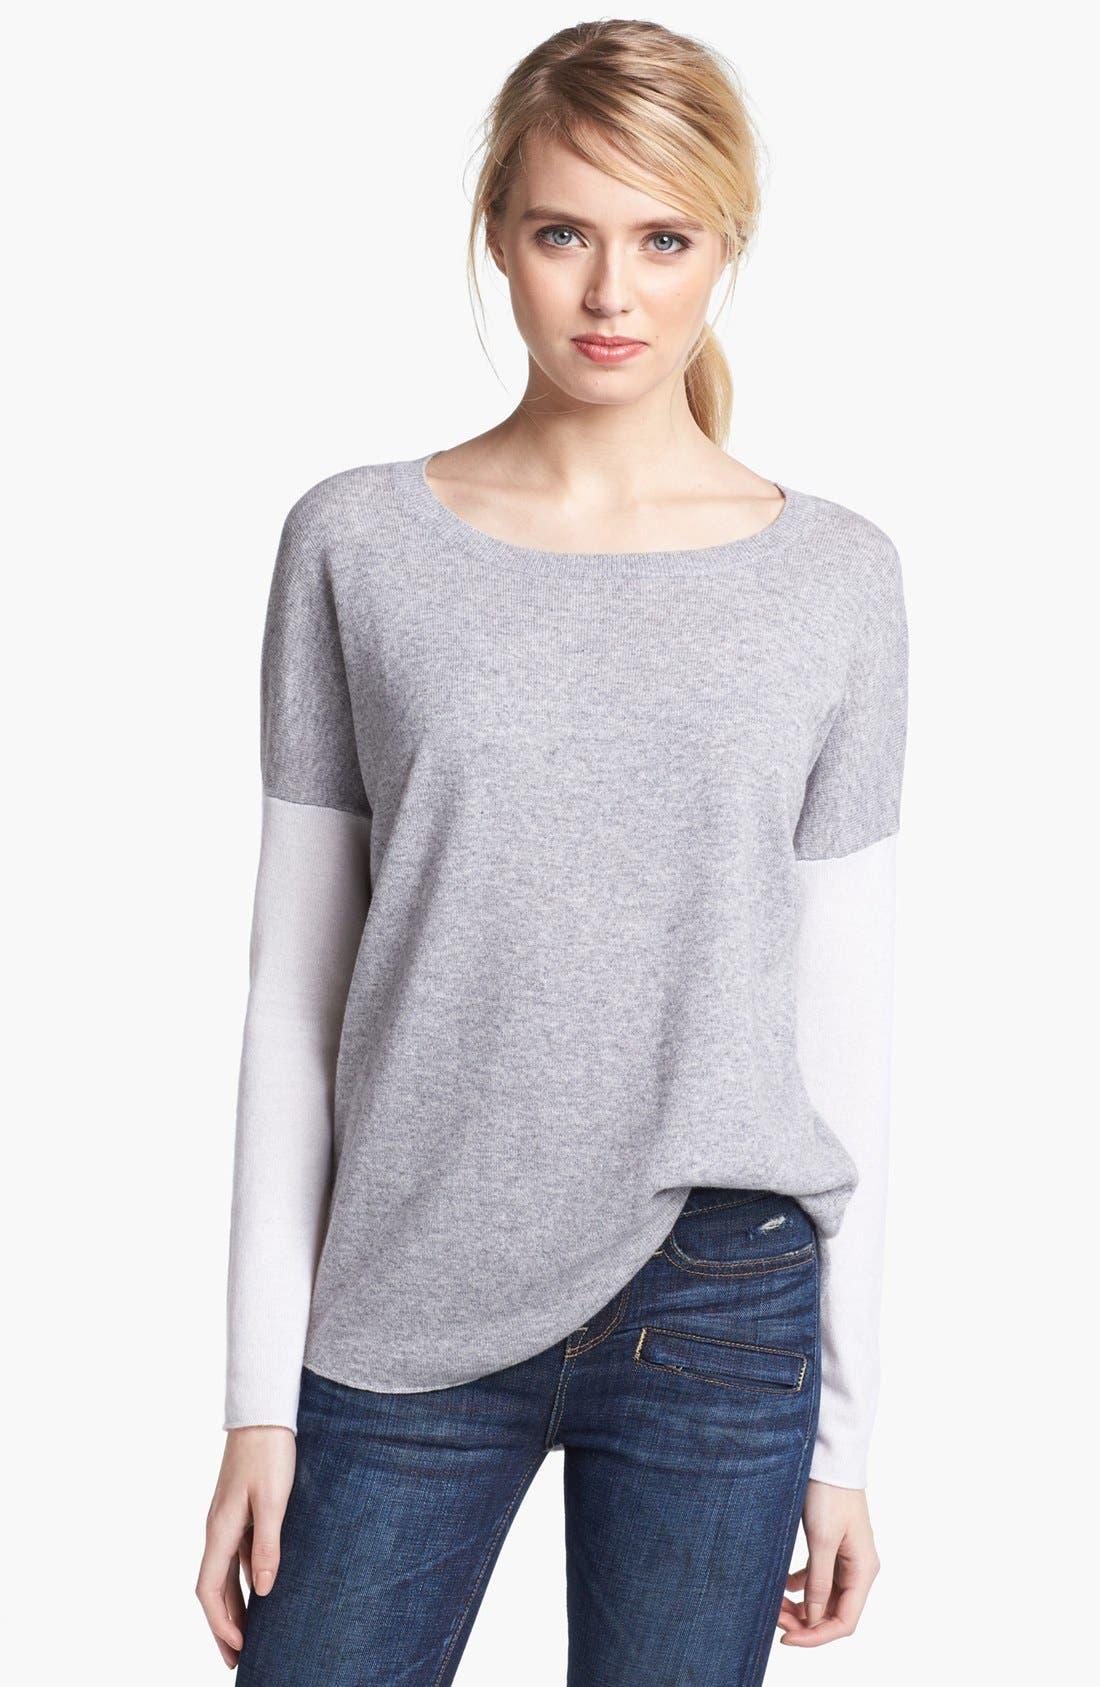 Alternate Image 1 Selected - Vince Colorblock Crewneck Sweater